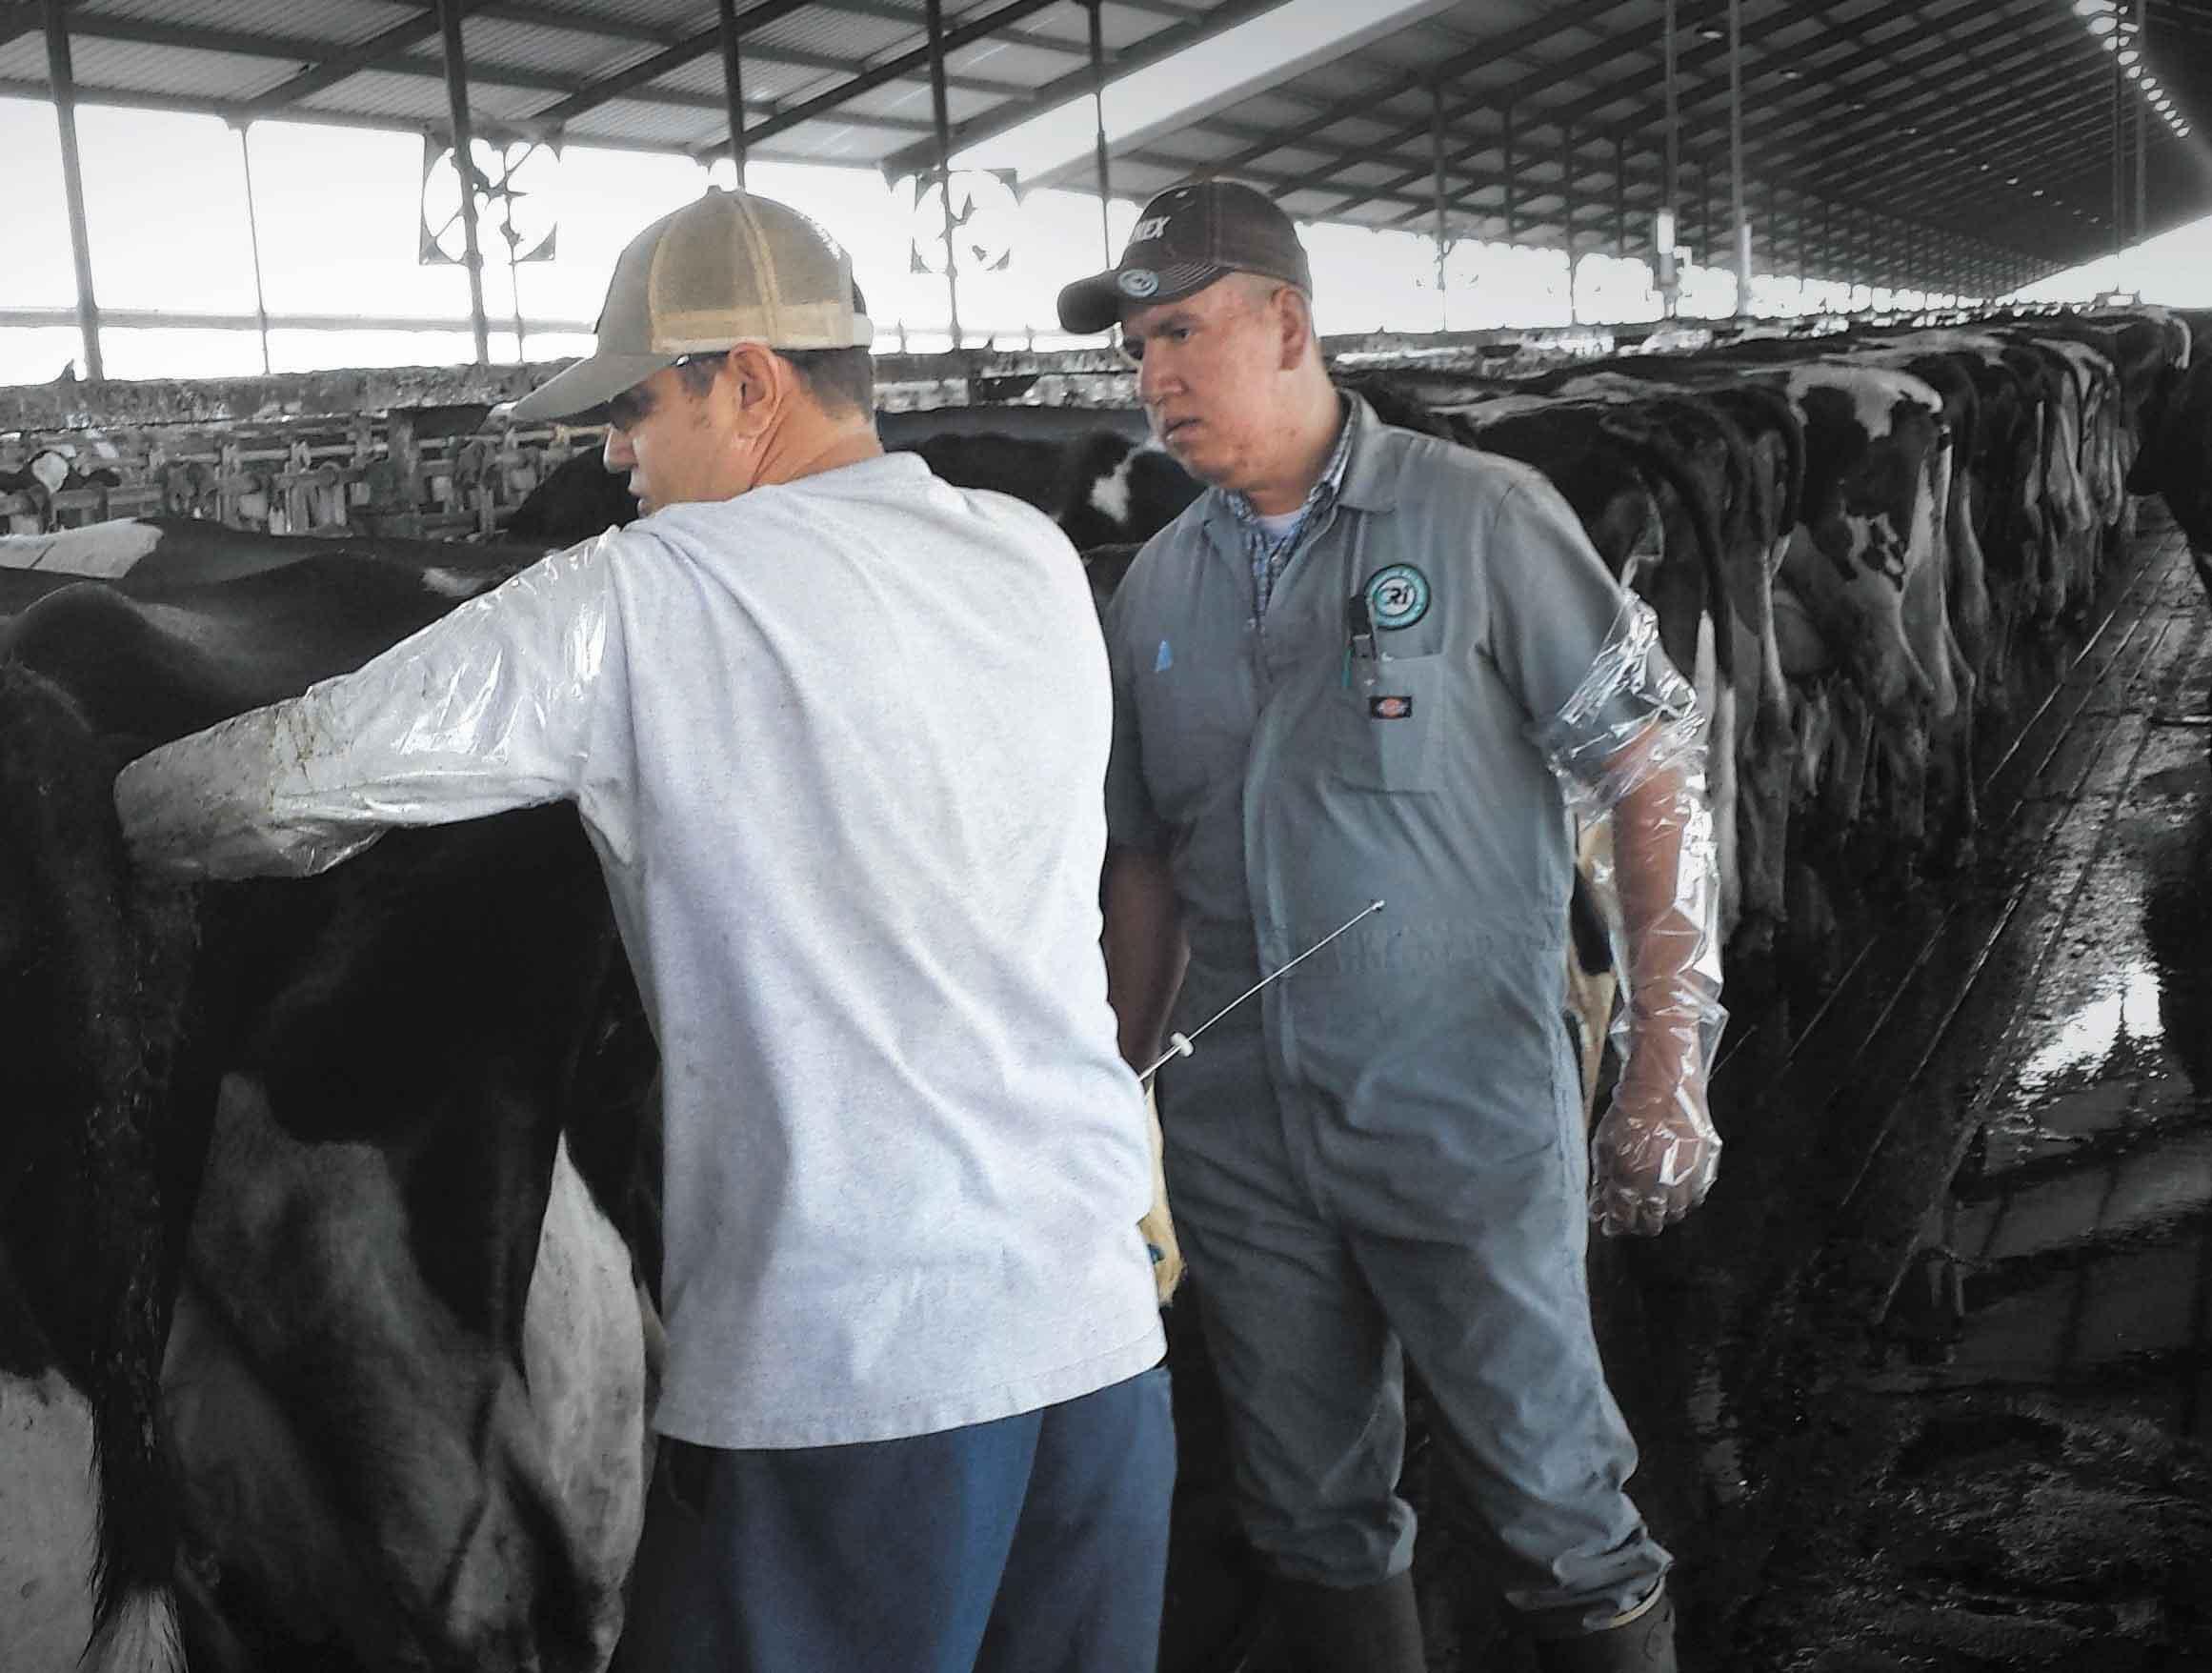 Осеменение коров - способы, методы, необходимый материал и рекомендации начинающим фермерам